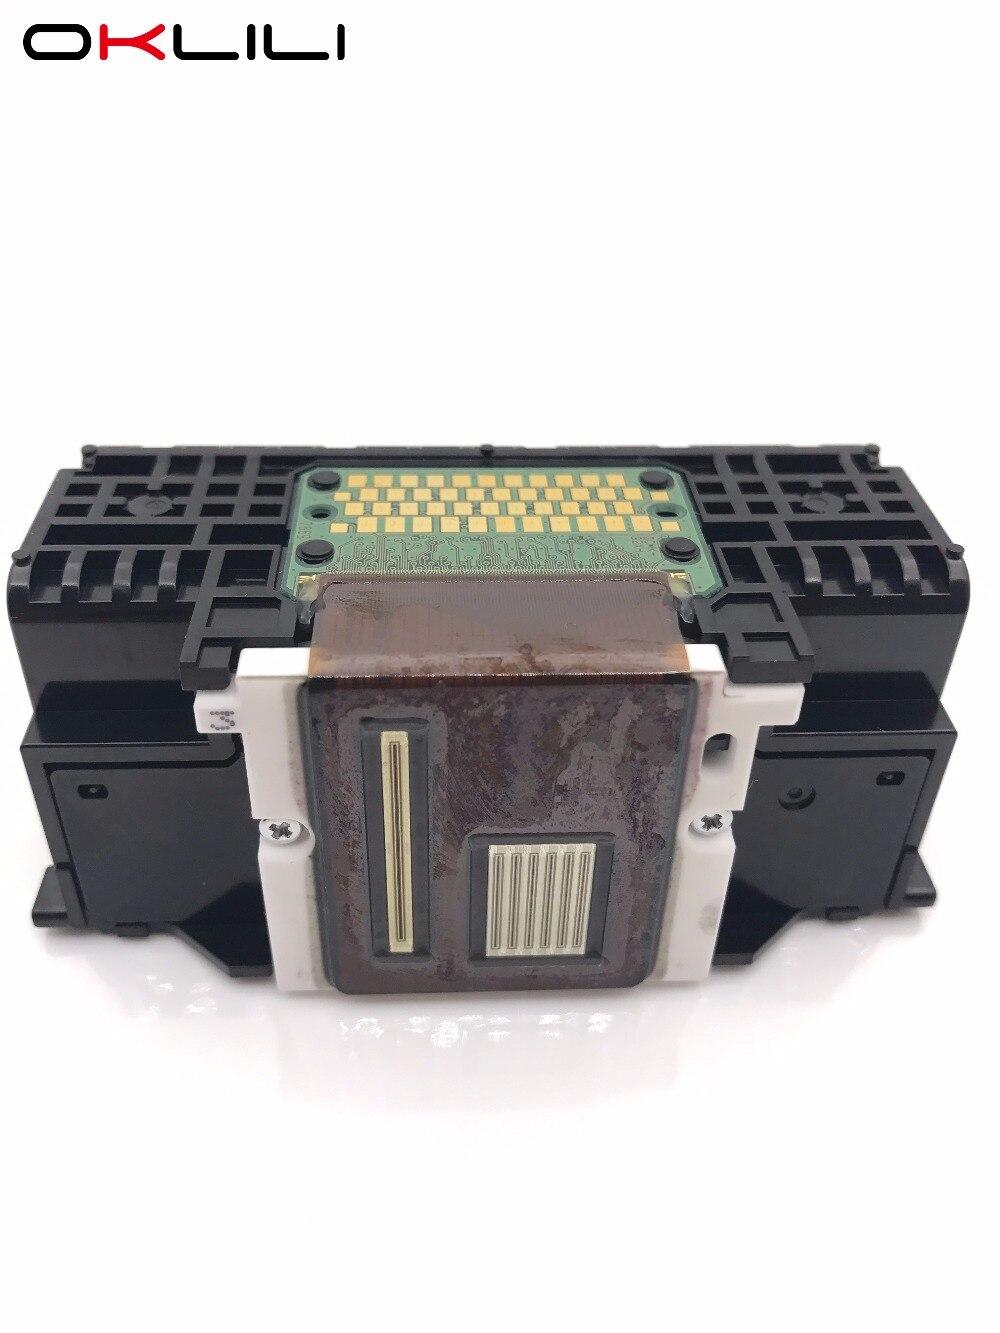 QY6-0082 cabezal de impresión para Canon MG5520 MG5540 MG5550 MG5650 MG5740 MG5750 MG6440 MG6600 MG6420 MG6450 MG6640 MG6650